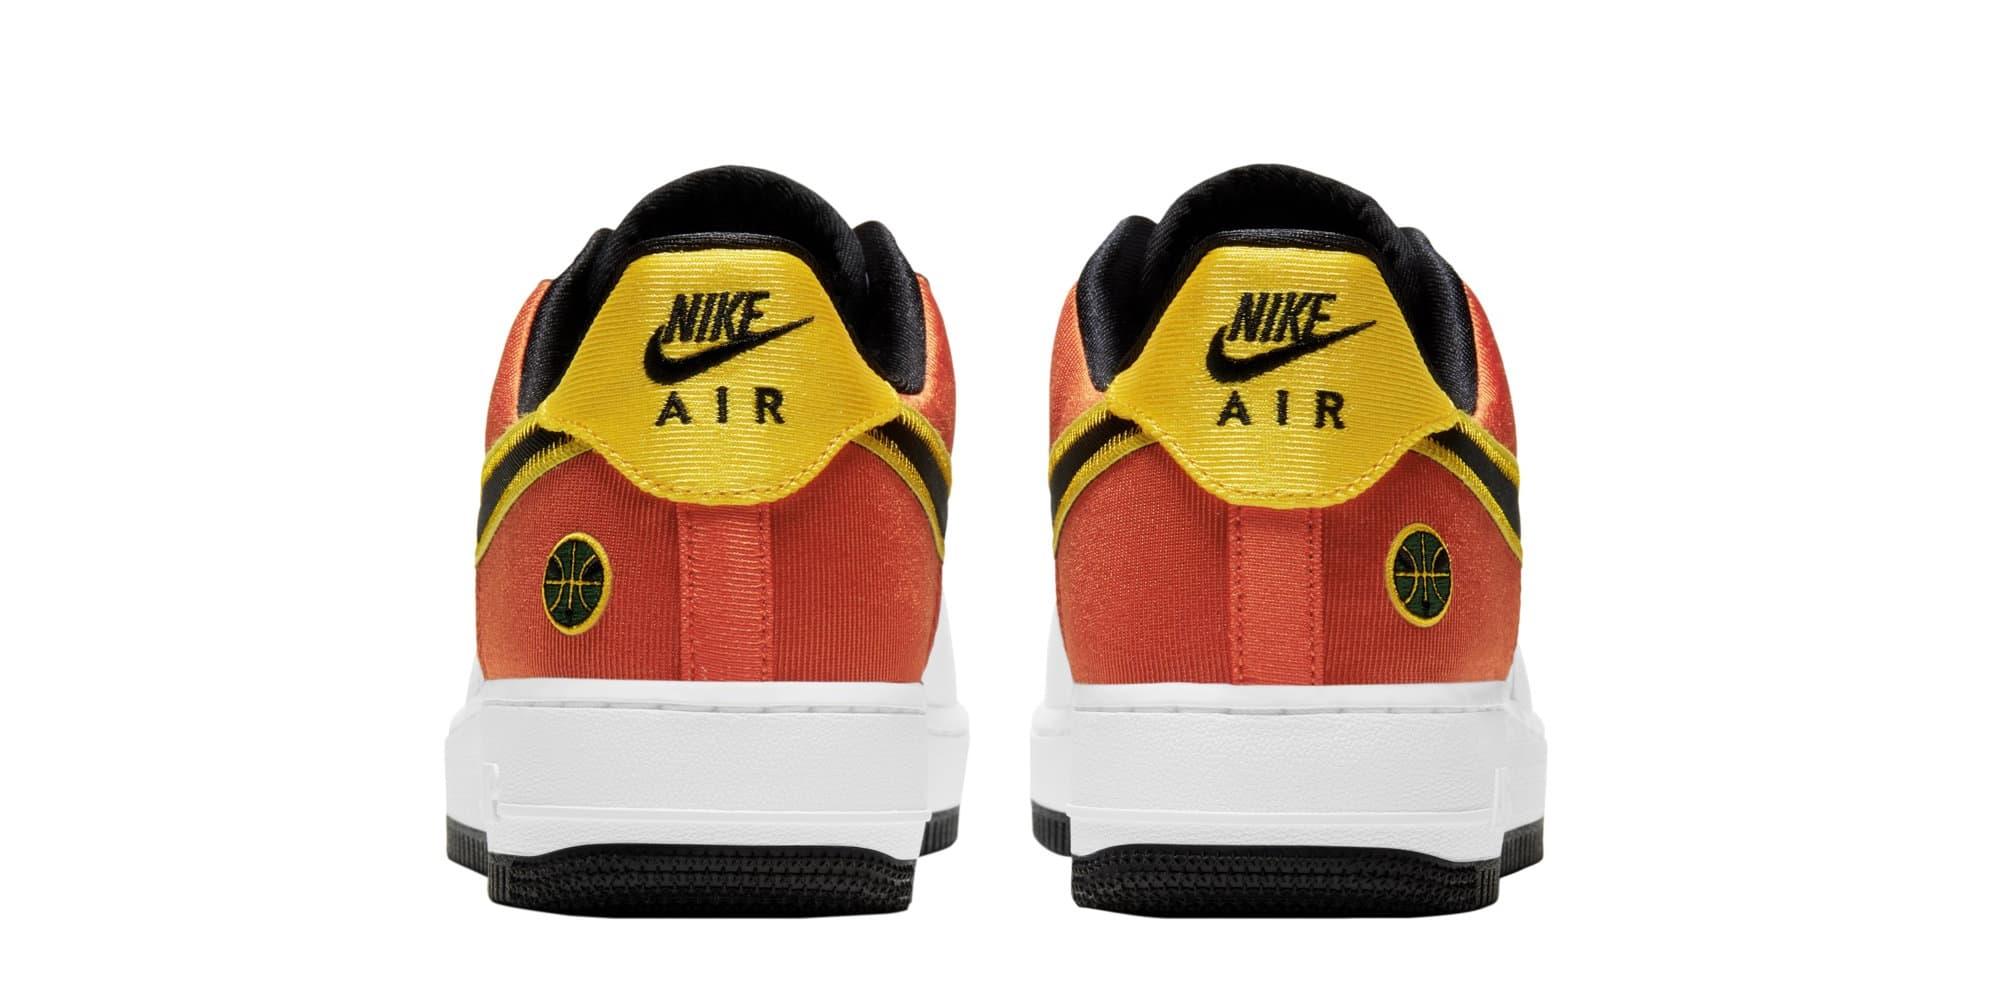 Nike Air Force 1 Low 'Raygun' CU8070-100 (Heel)